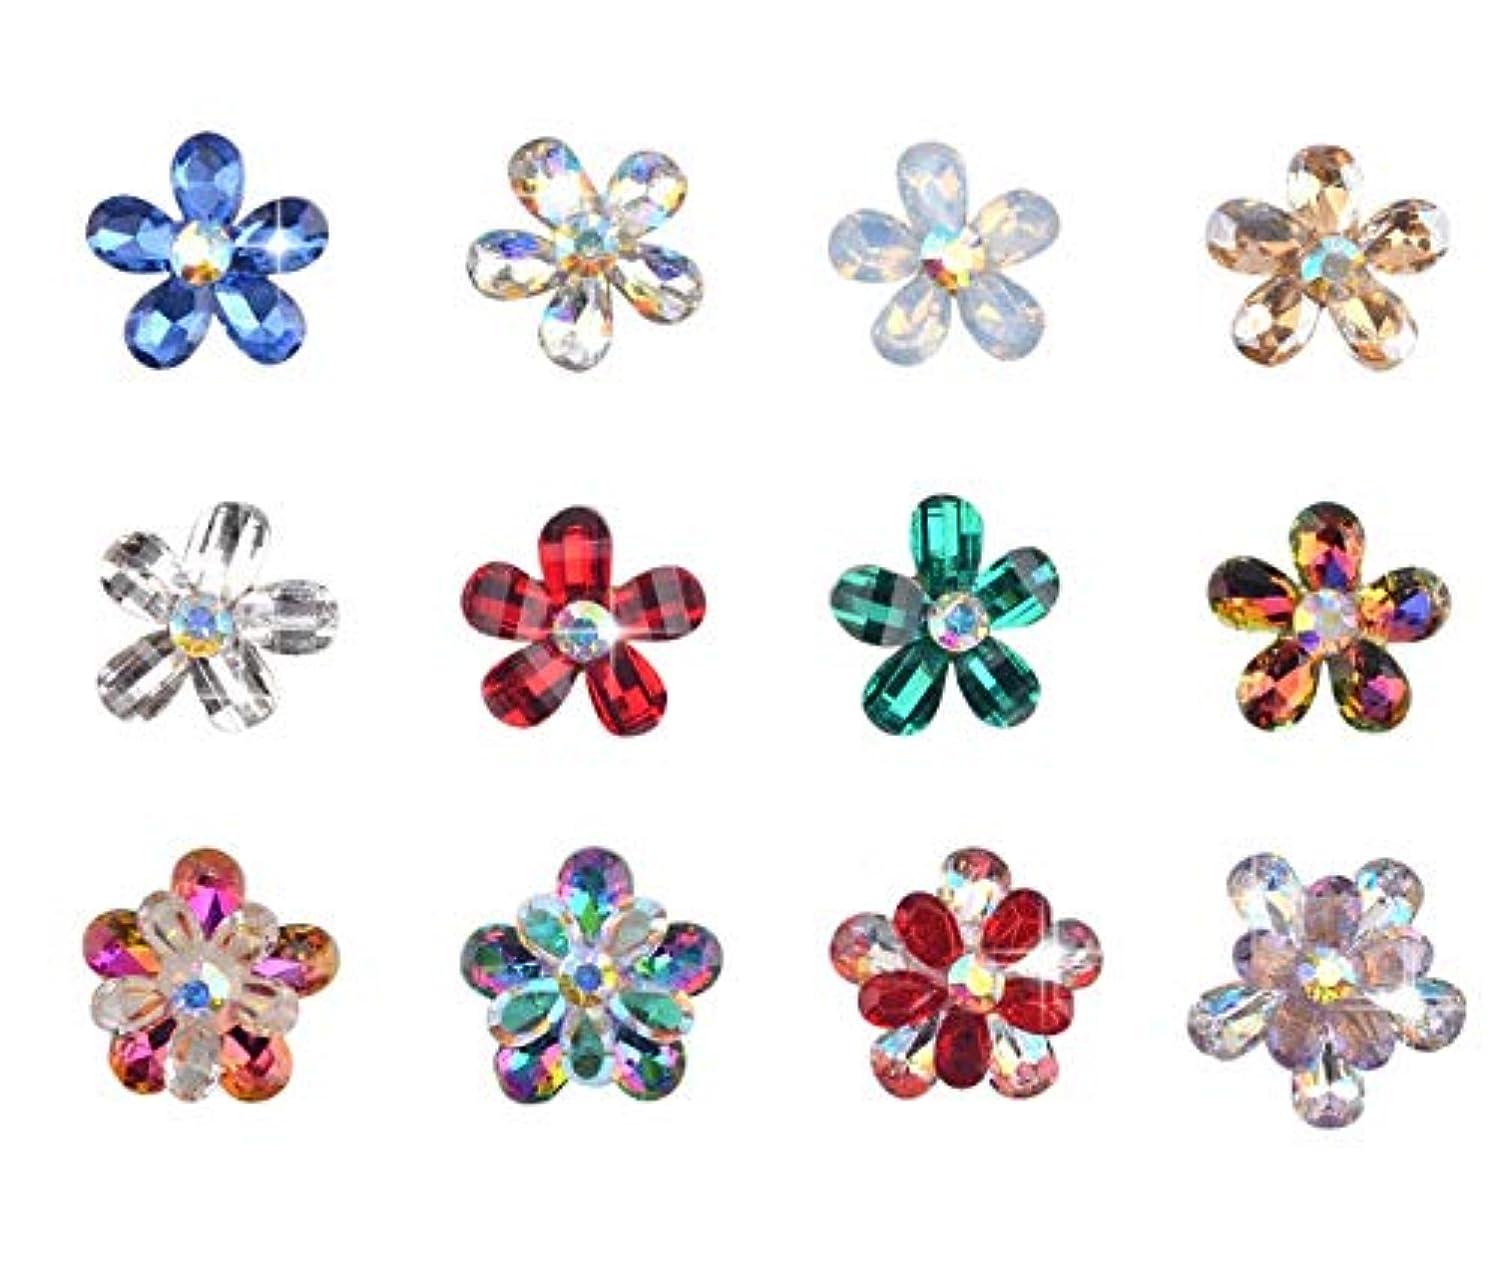 料理をする制約立法Tianmey クリスタル花びらネイルアートラインストーンの装飾メタル合金チャーム3Dジュエリー宝石マニキュアアクセサリー